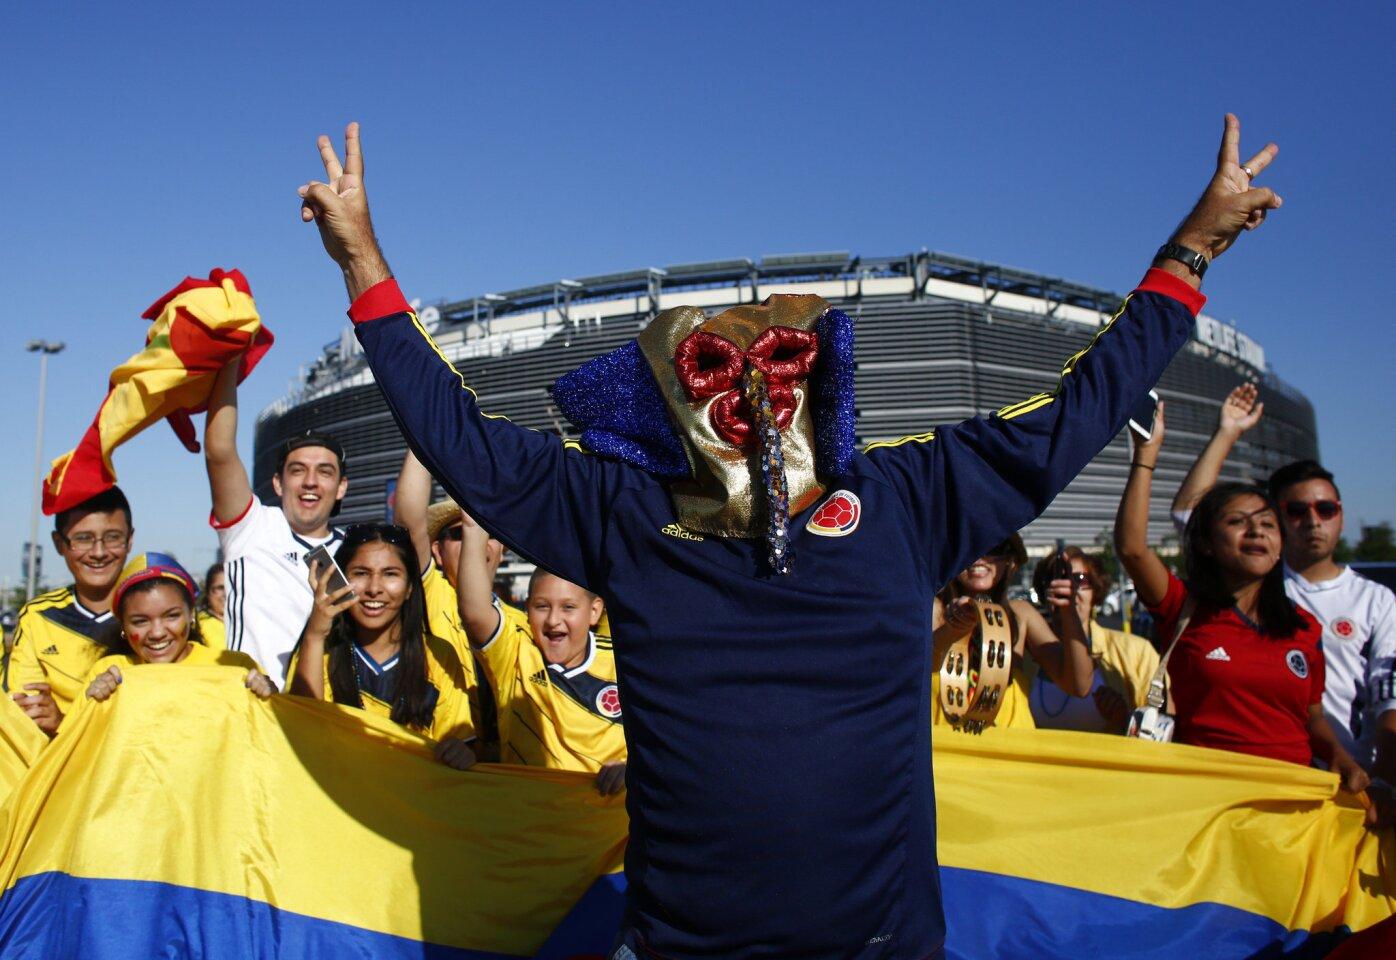 NJY02. EAST RUTHERFORD, (NJ, EE.UU.), 17/06/2016.- Aficionados colombianos llegan al estadio MetLife para el partido entre Colombia y Perú hoy, viernes 17 de junio de 2016, por los cuartos de final de la Copa América Centenario, en East Rutherford, Nueva Jersey (EE.UU.). EFE/Kena Betancur ** Usable by HOY and SD Only **